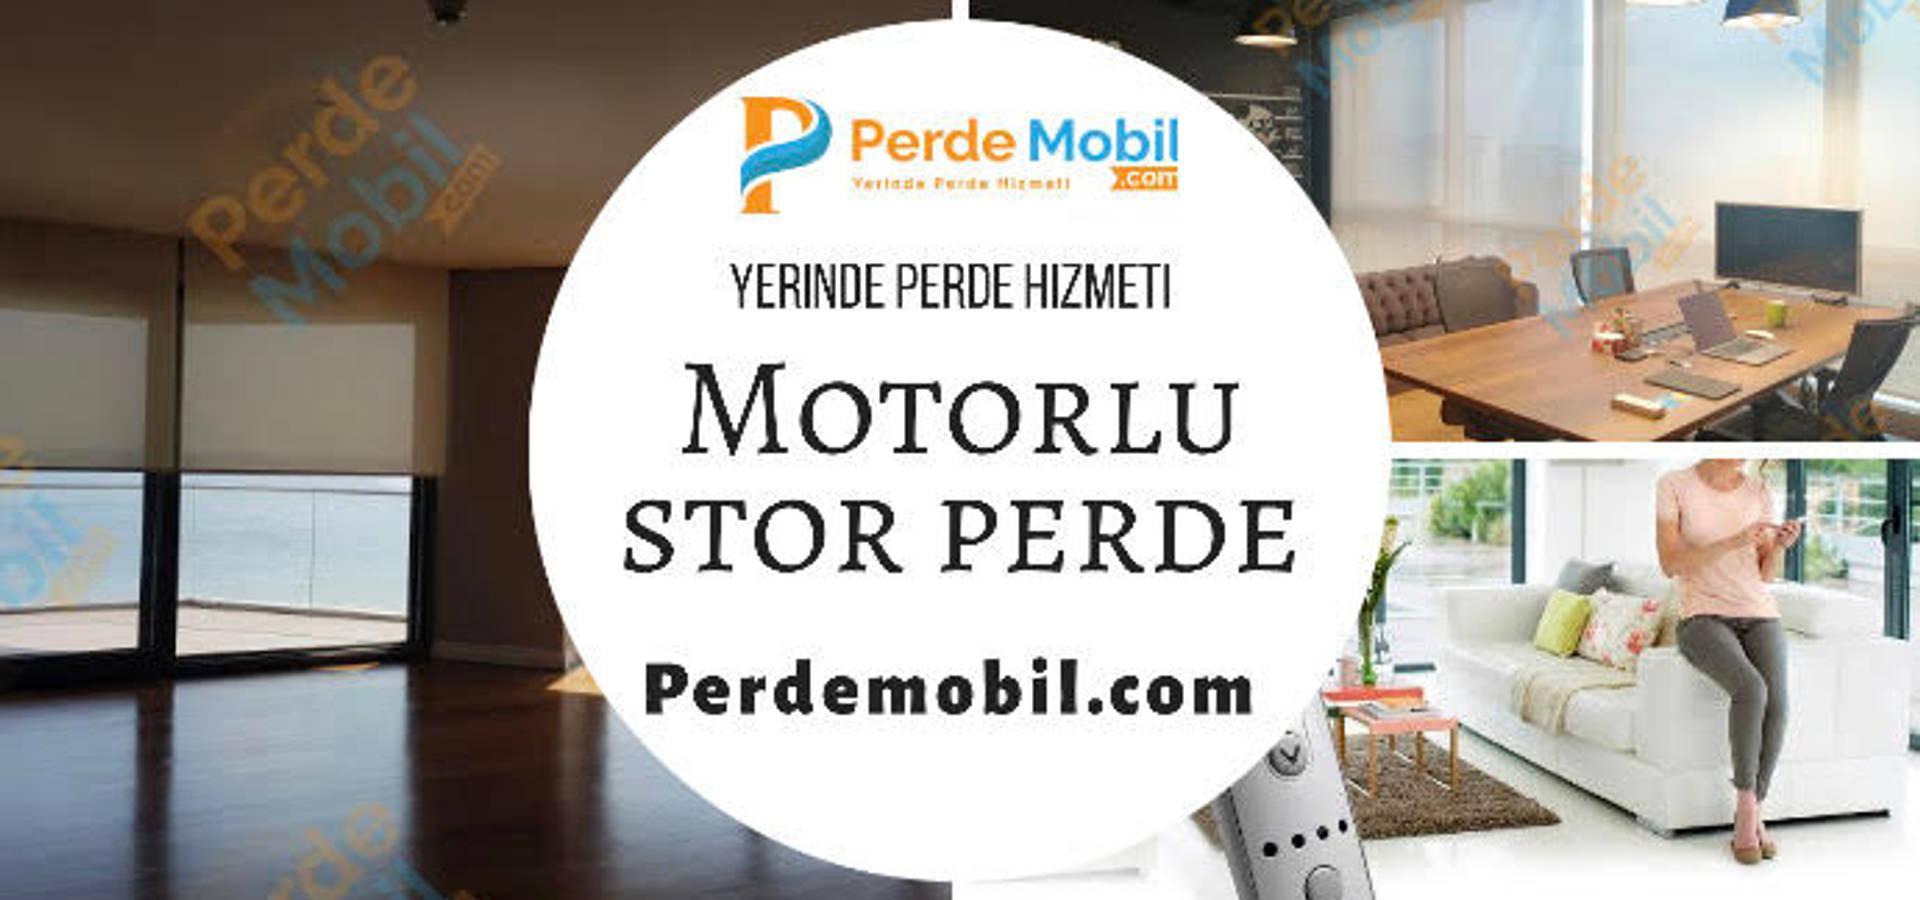 Perde Mobil